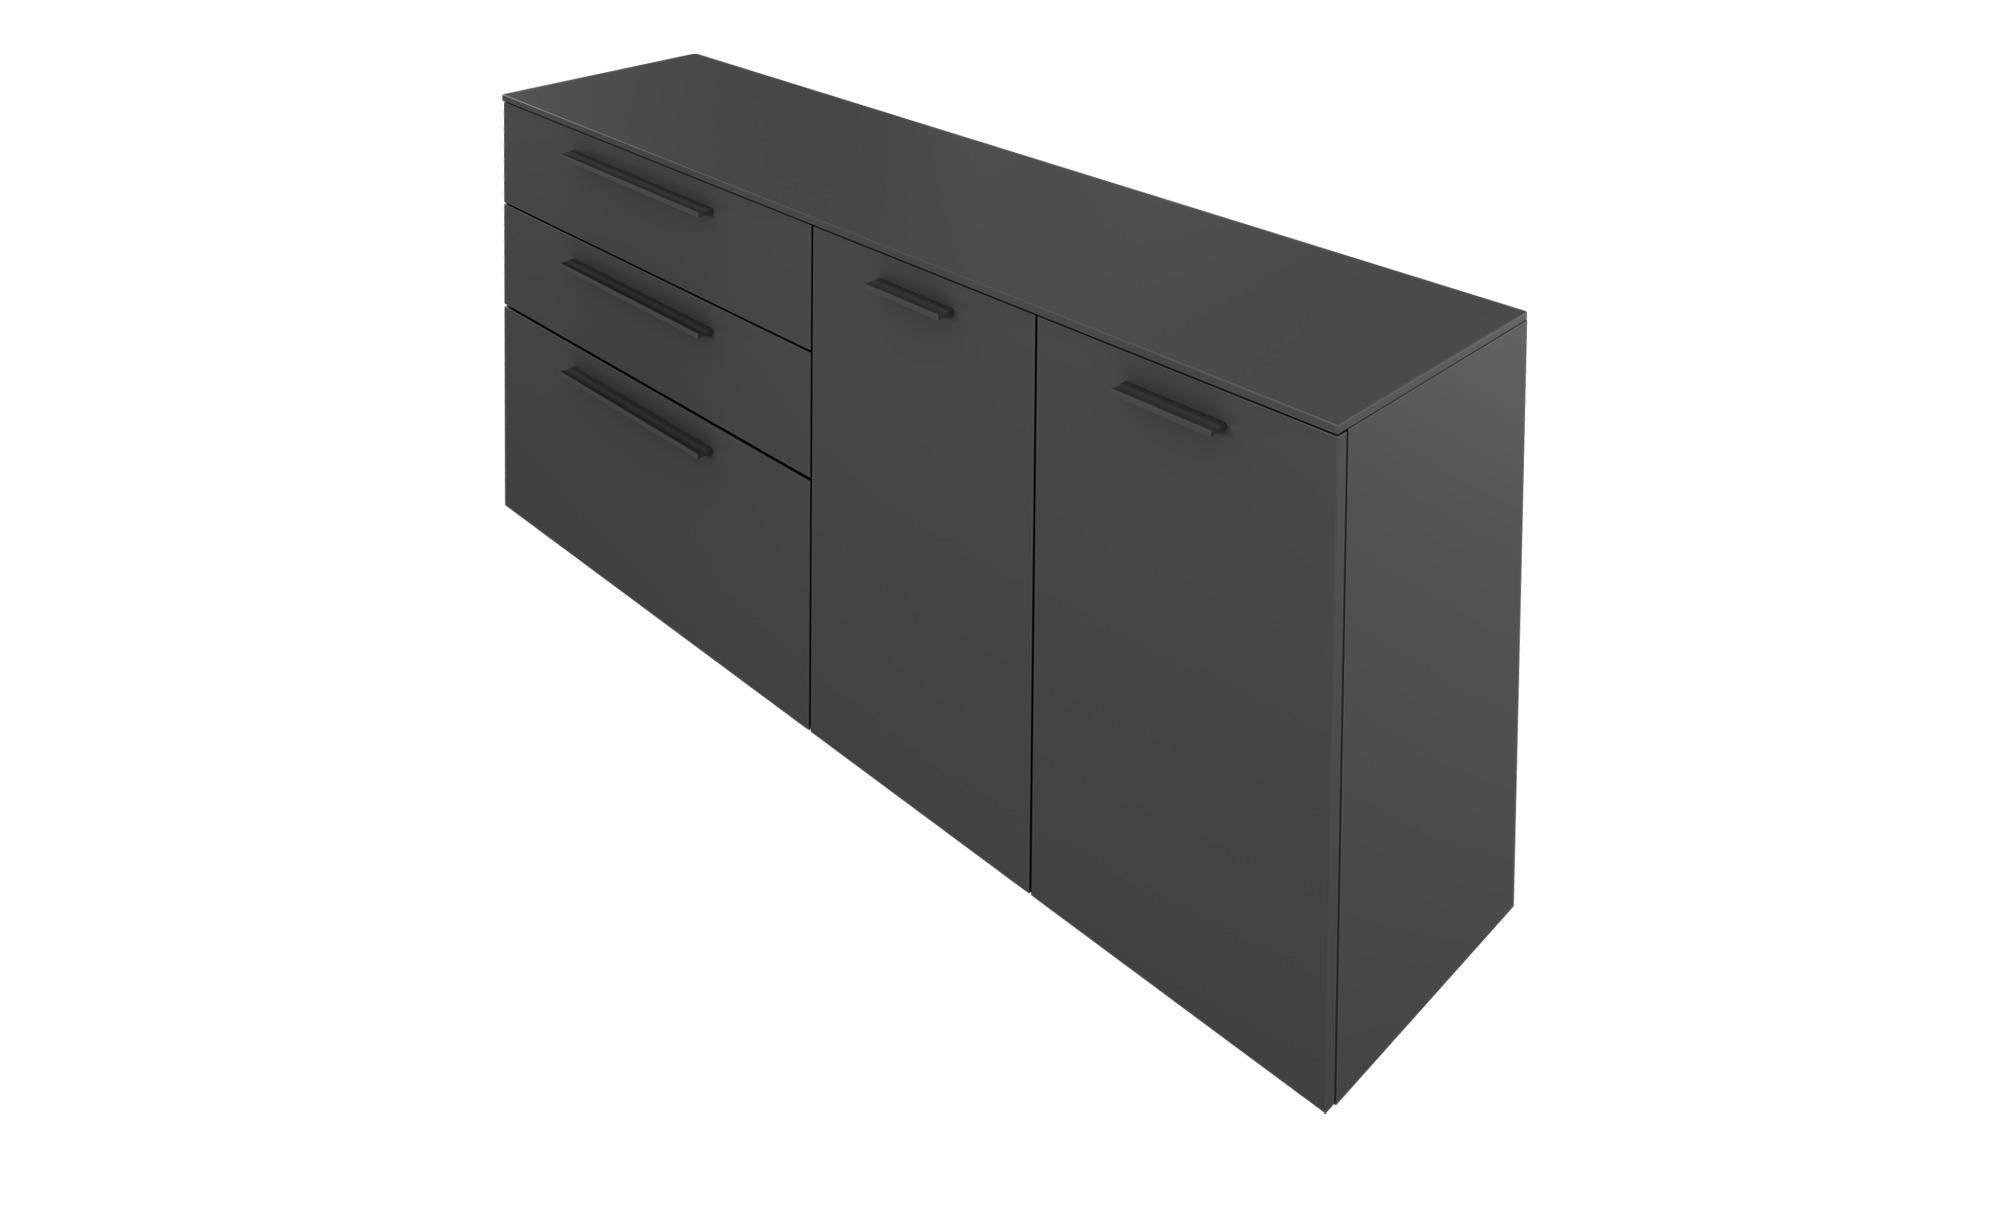 Gallery M Sideboard  Arrive - grau - 181 cm - 81 cm - 43 cm - Kommoden & Sideboards > Kommoden - Möbel Kraft | Wohnzimmer > Schränke | Gallery M